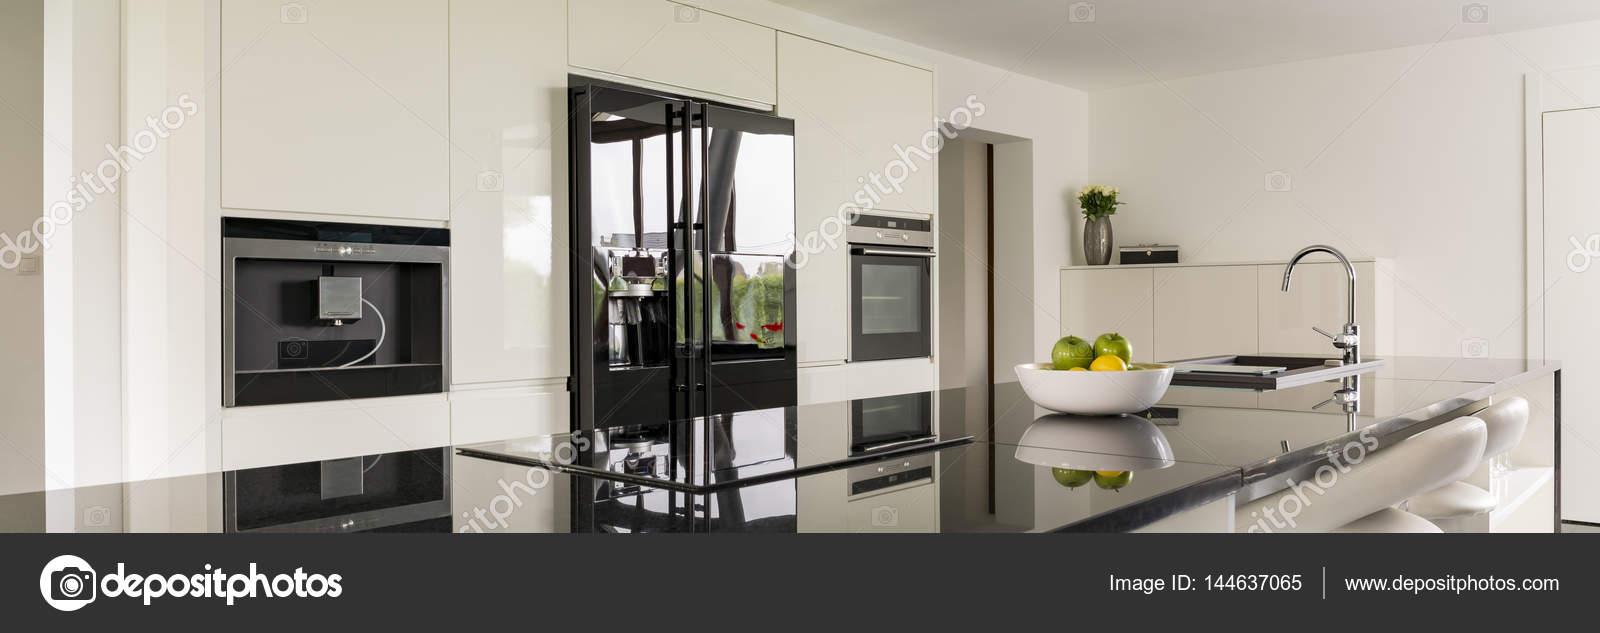 Bancada Na Cozinha Moderna Fotografias De Stock Photographee Eu